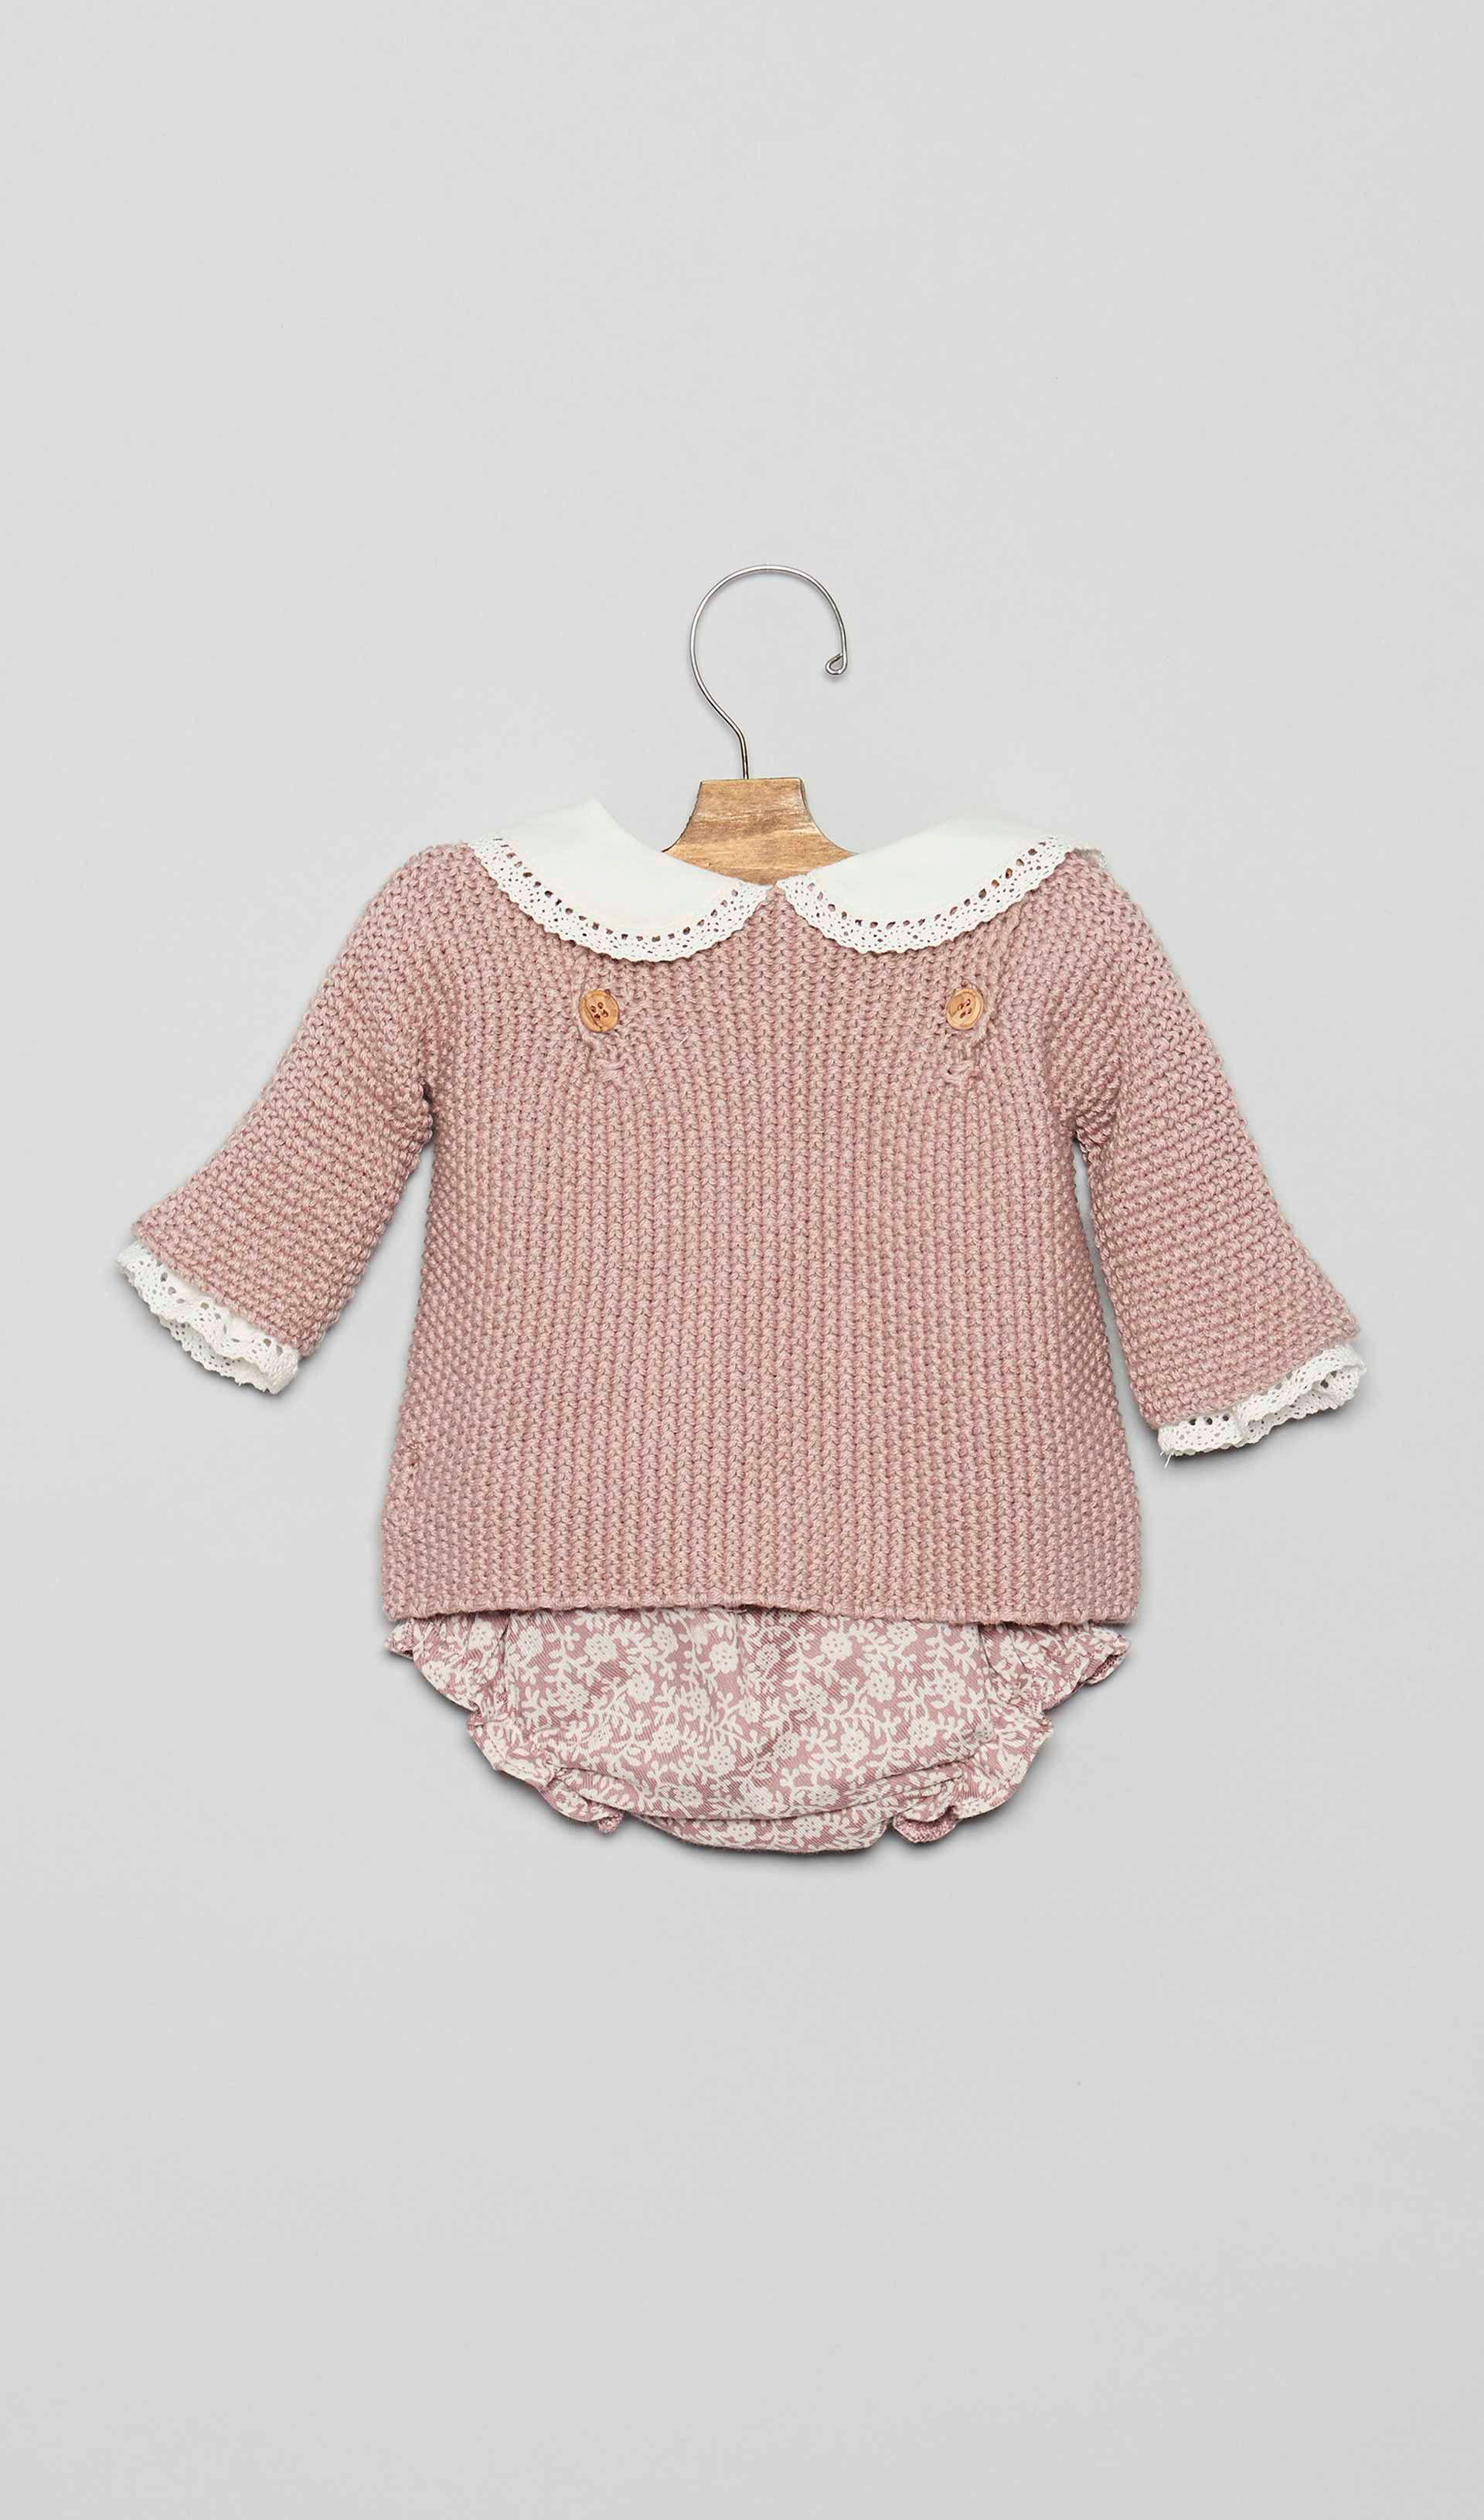 8f51ccc4 Ropa para Bebés Recién Nacidos | Tienda Online Nicoli L1602003-pp Bebe